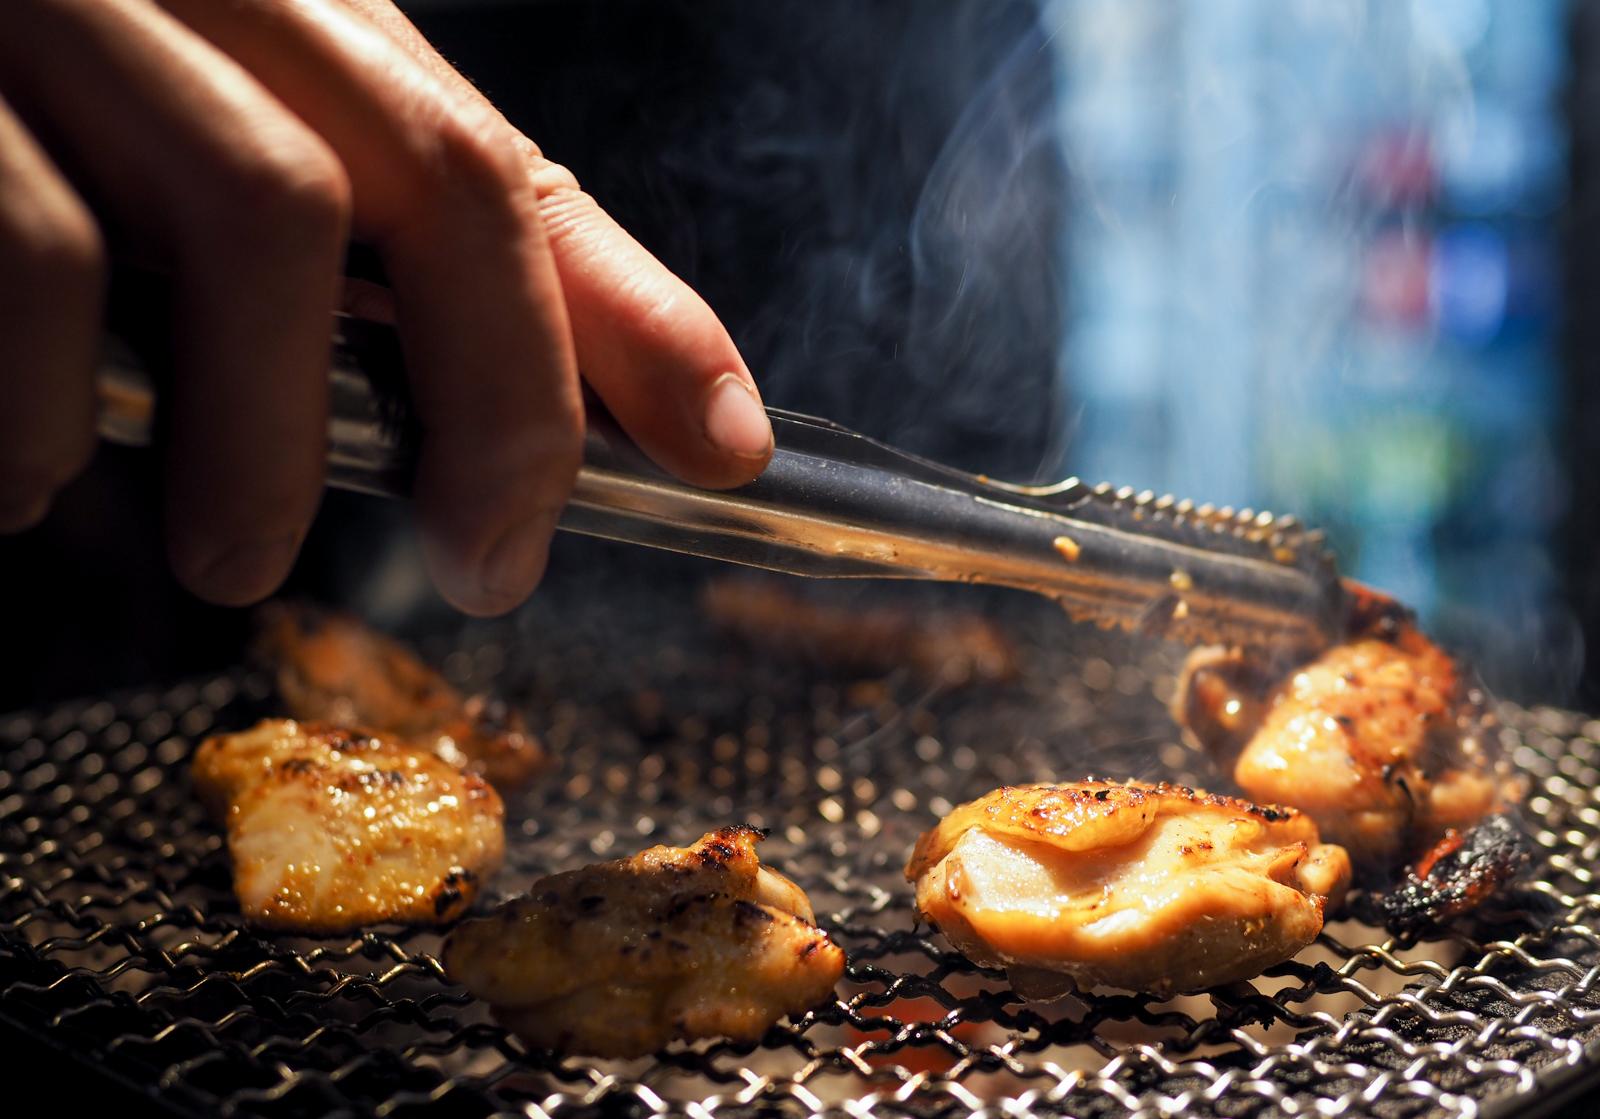 【台北平價燒肉吃到飽】胖肚肚燒肉中山店 店員代烤超輕鬆 只要負責吃美味燒肉就好